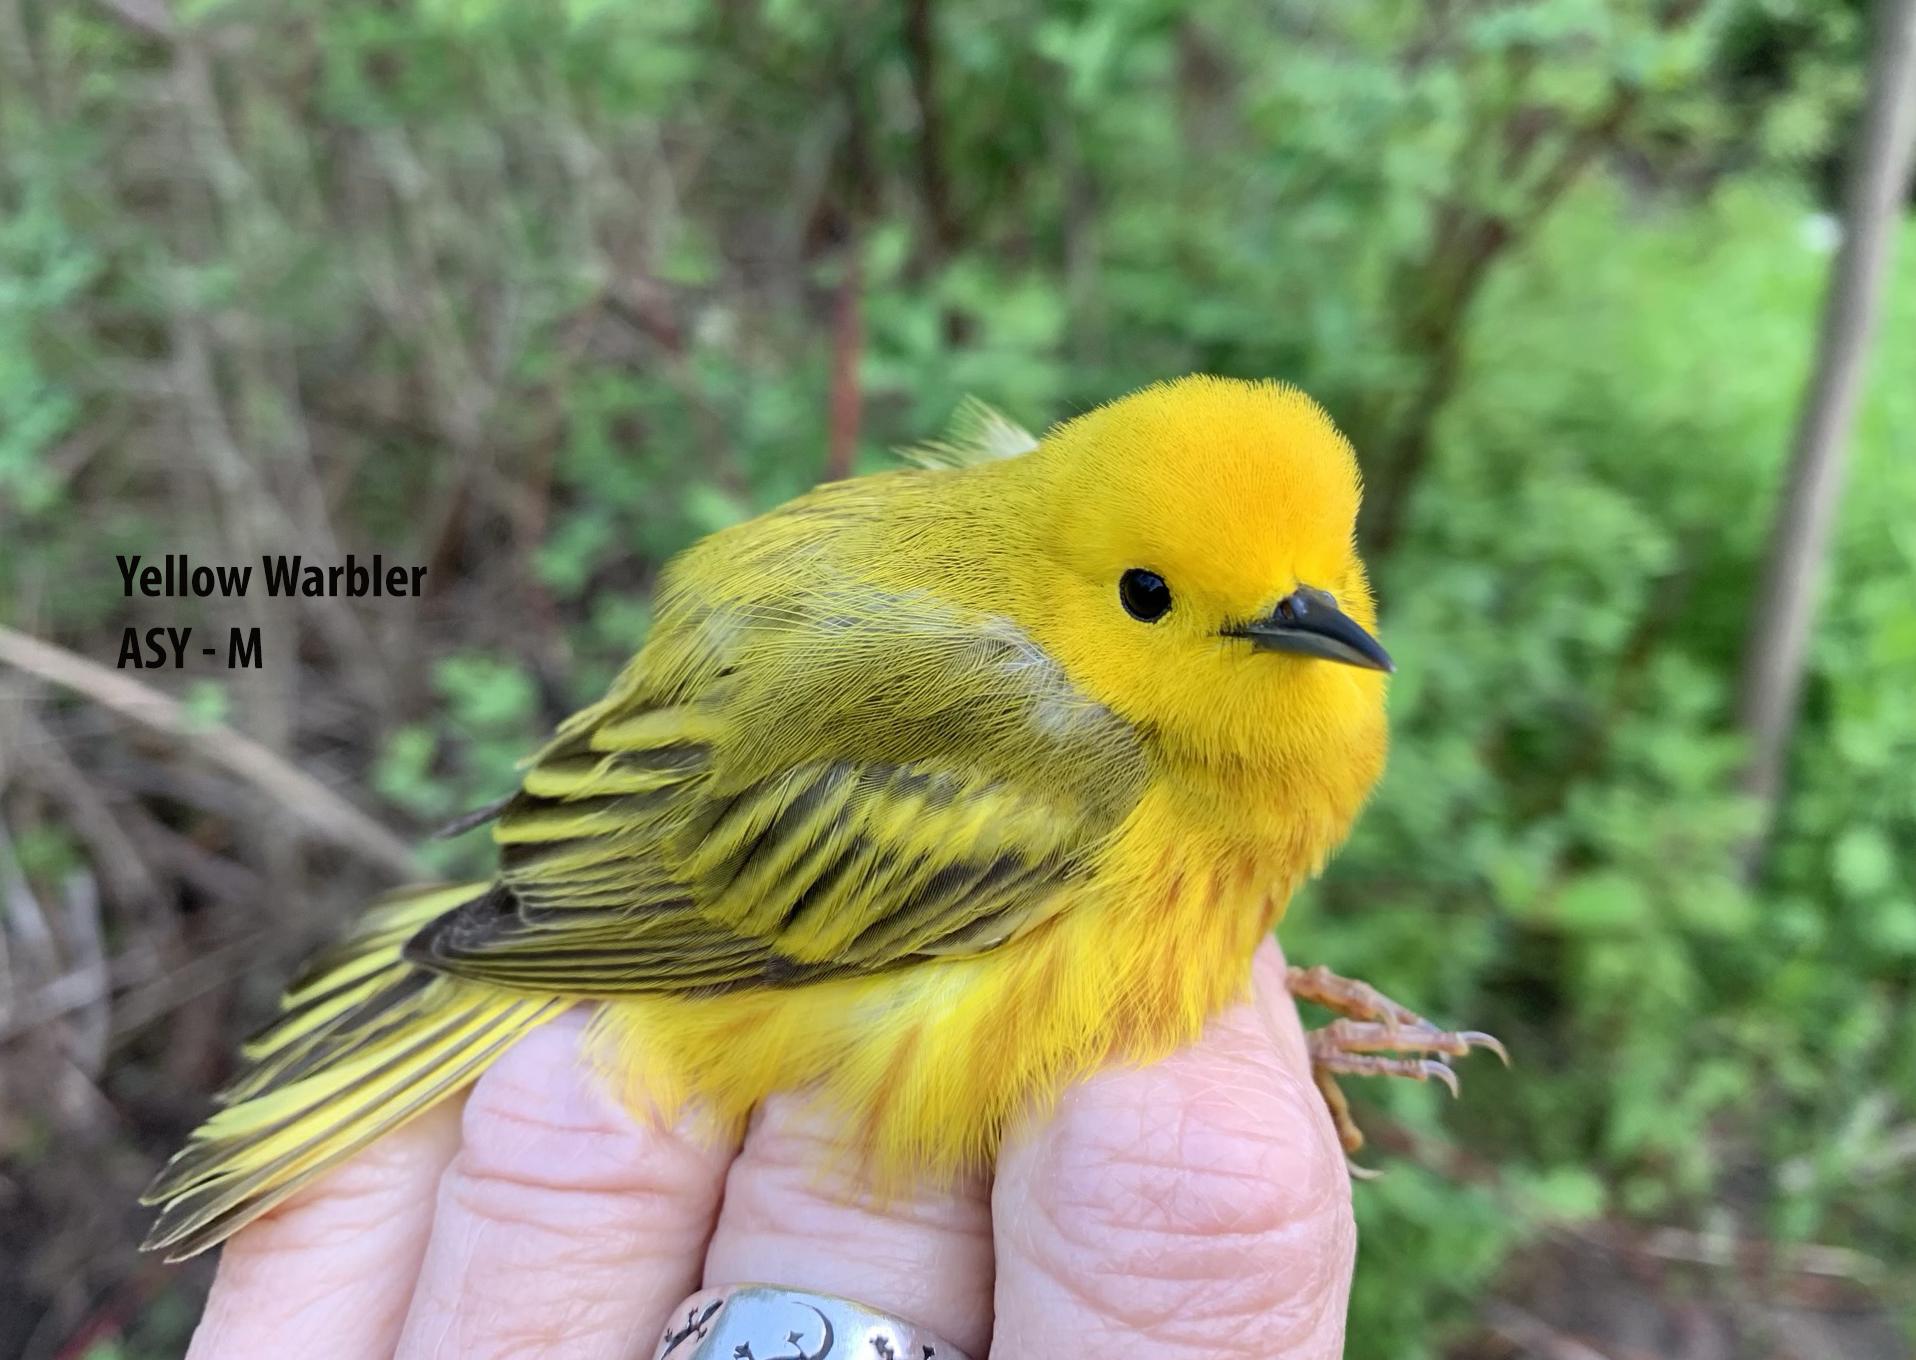 IMG_1885 Yellow Warbler ASY-M 3bo